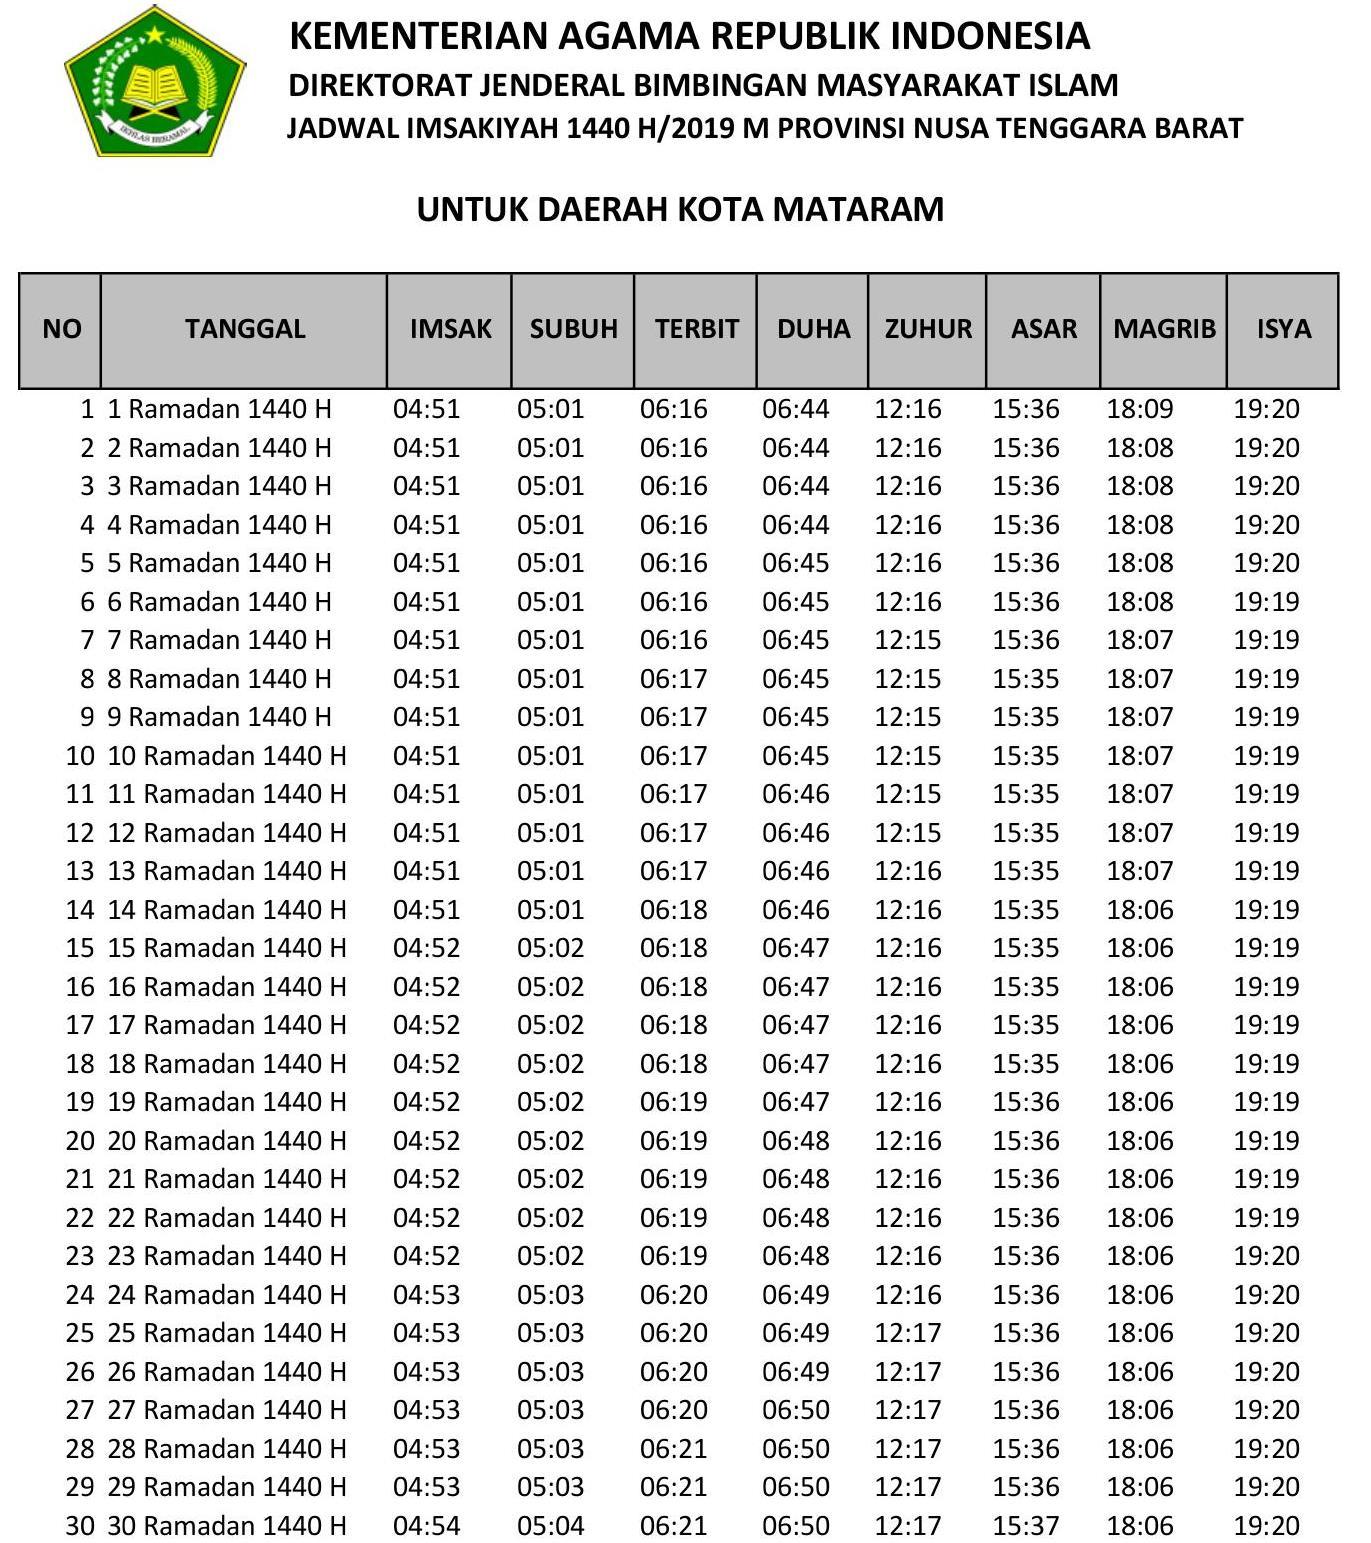 Jadwal Sholat dan Imsakiyah Mataram-Ramadhan 2019-Waktu Maghrib, Waktu Imsak, dan Waktu Shubuh di Wilayah Kota Mataram dan Sekitarnya, Nusa Tenggara Barat-Bulan Puasa 2019-1440 Hijriyah.